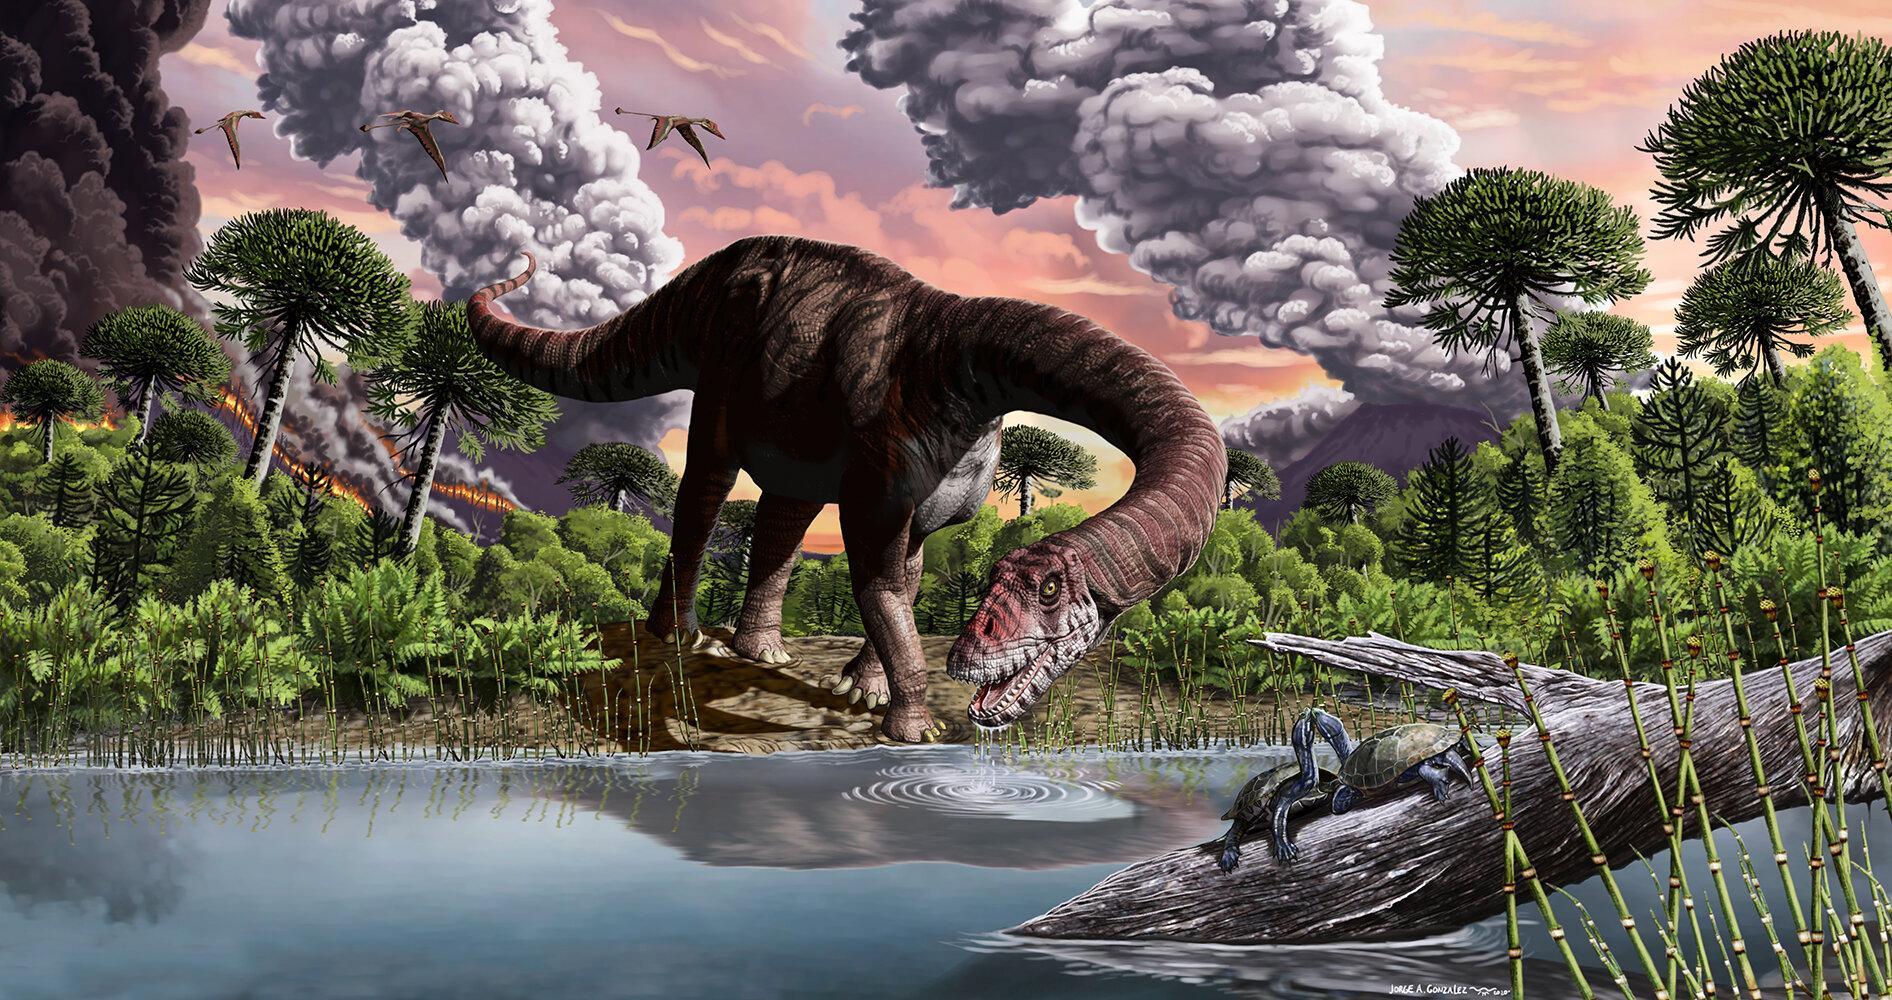 Гигантские динозавры смогли развиться благодаря глобальному потеплению